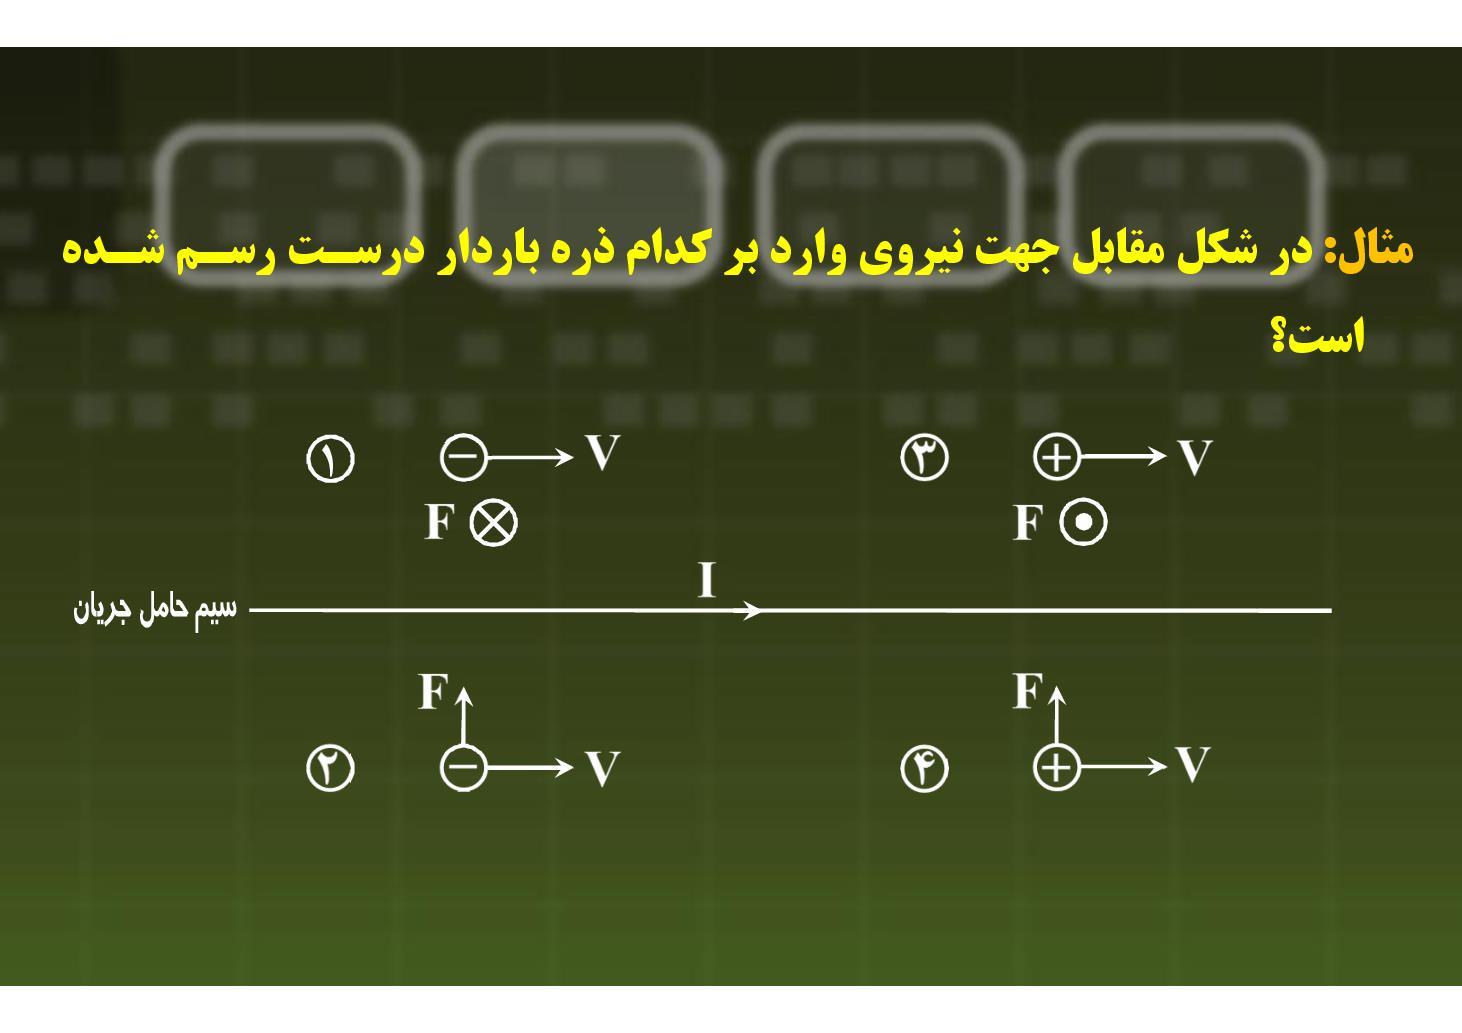 فیزیک ٣- فصل ٣ (فصل ۴ ریاضی)- سؤال ترکیبی مغناطیس- بخش ١ (PDF)